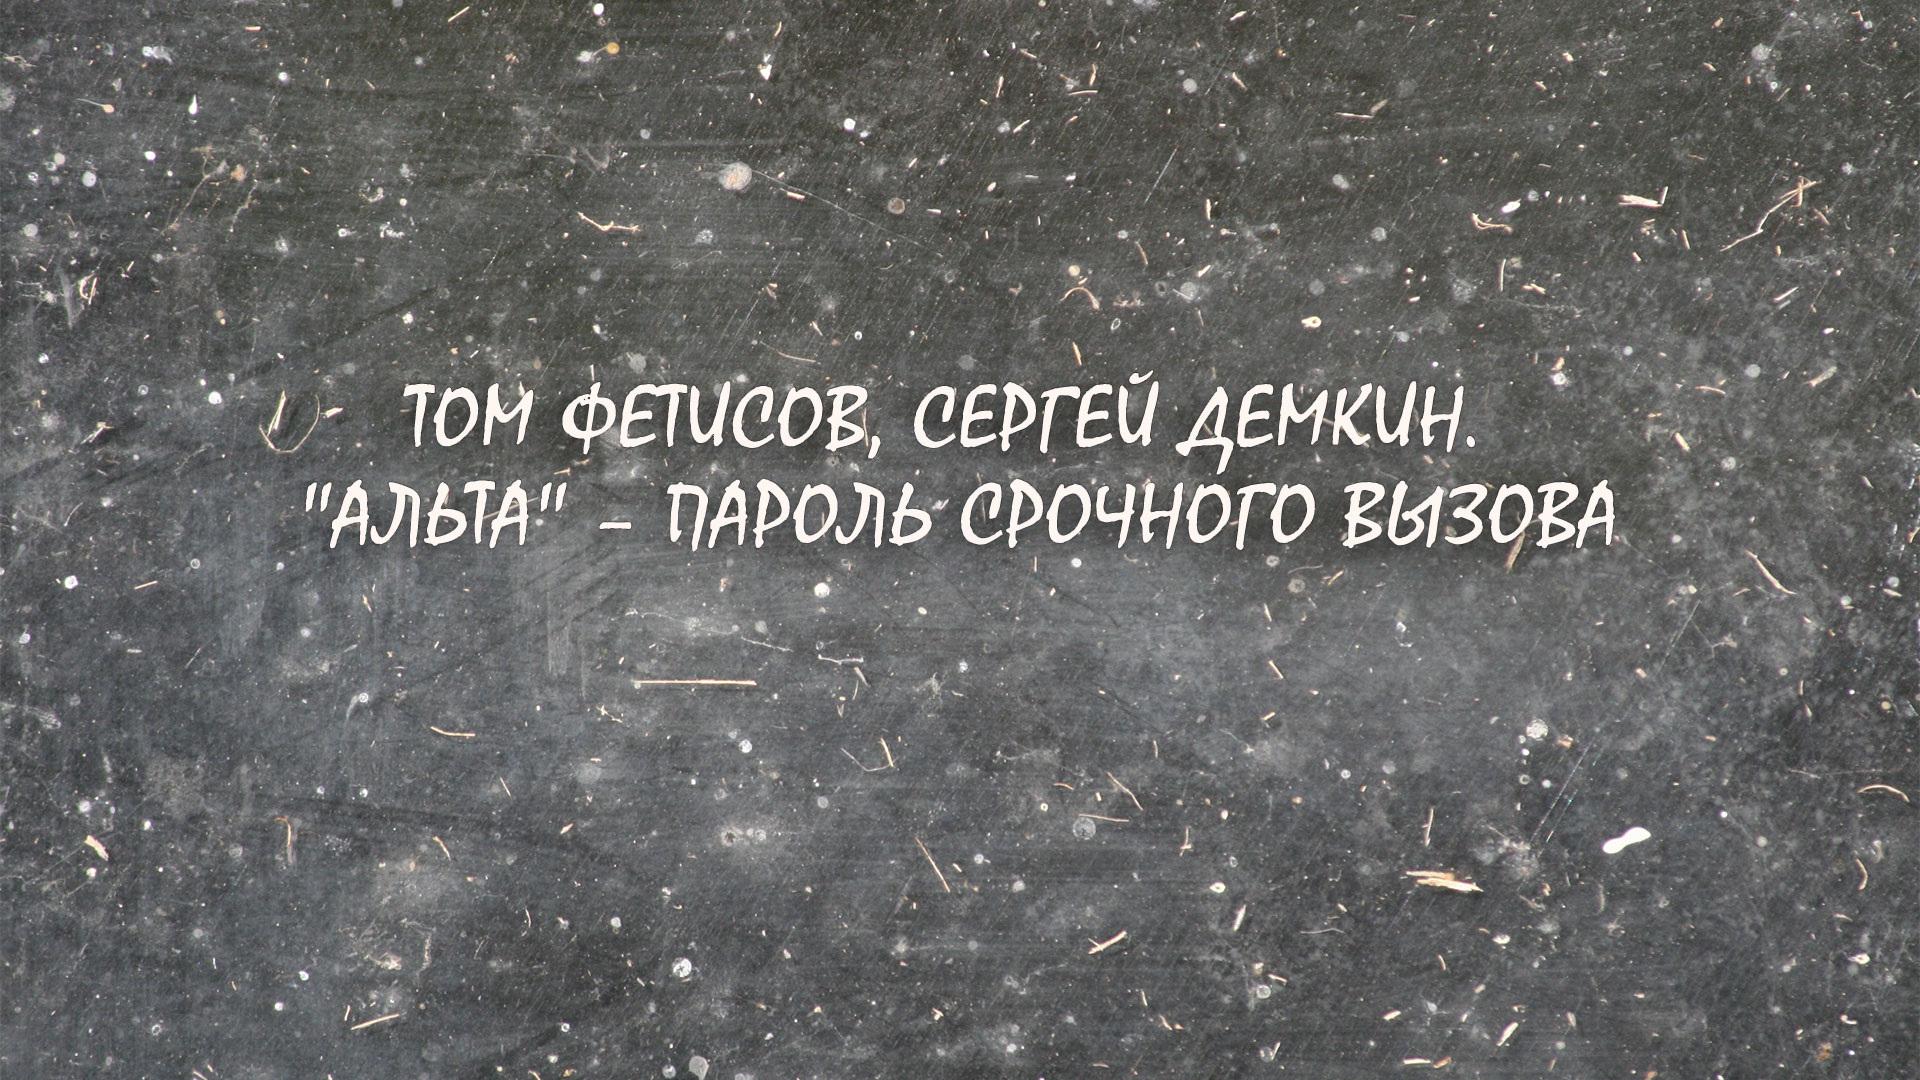 """Том Фетисов, Сергей Демкин. """"Альта"""" – пароль срочного вызова"""